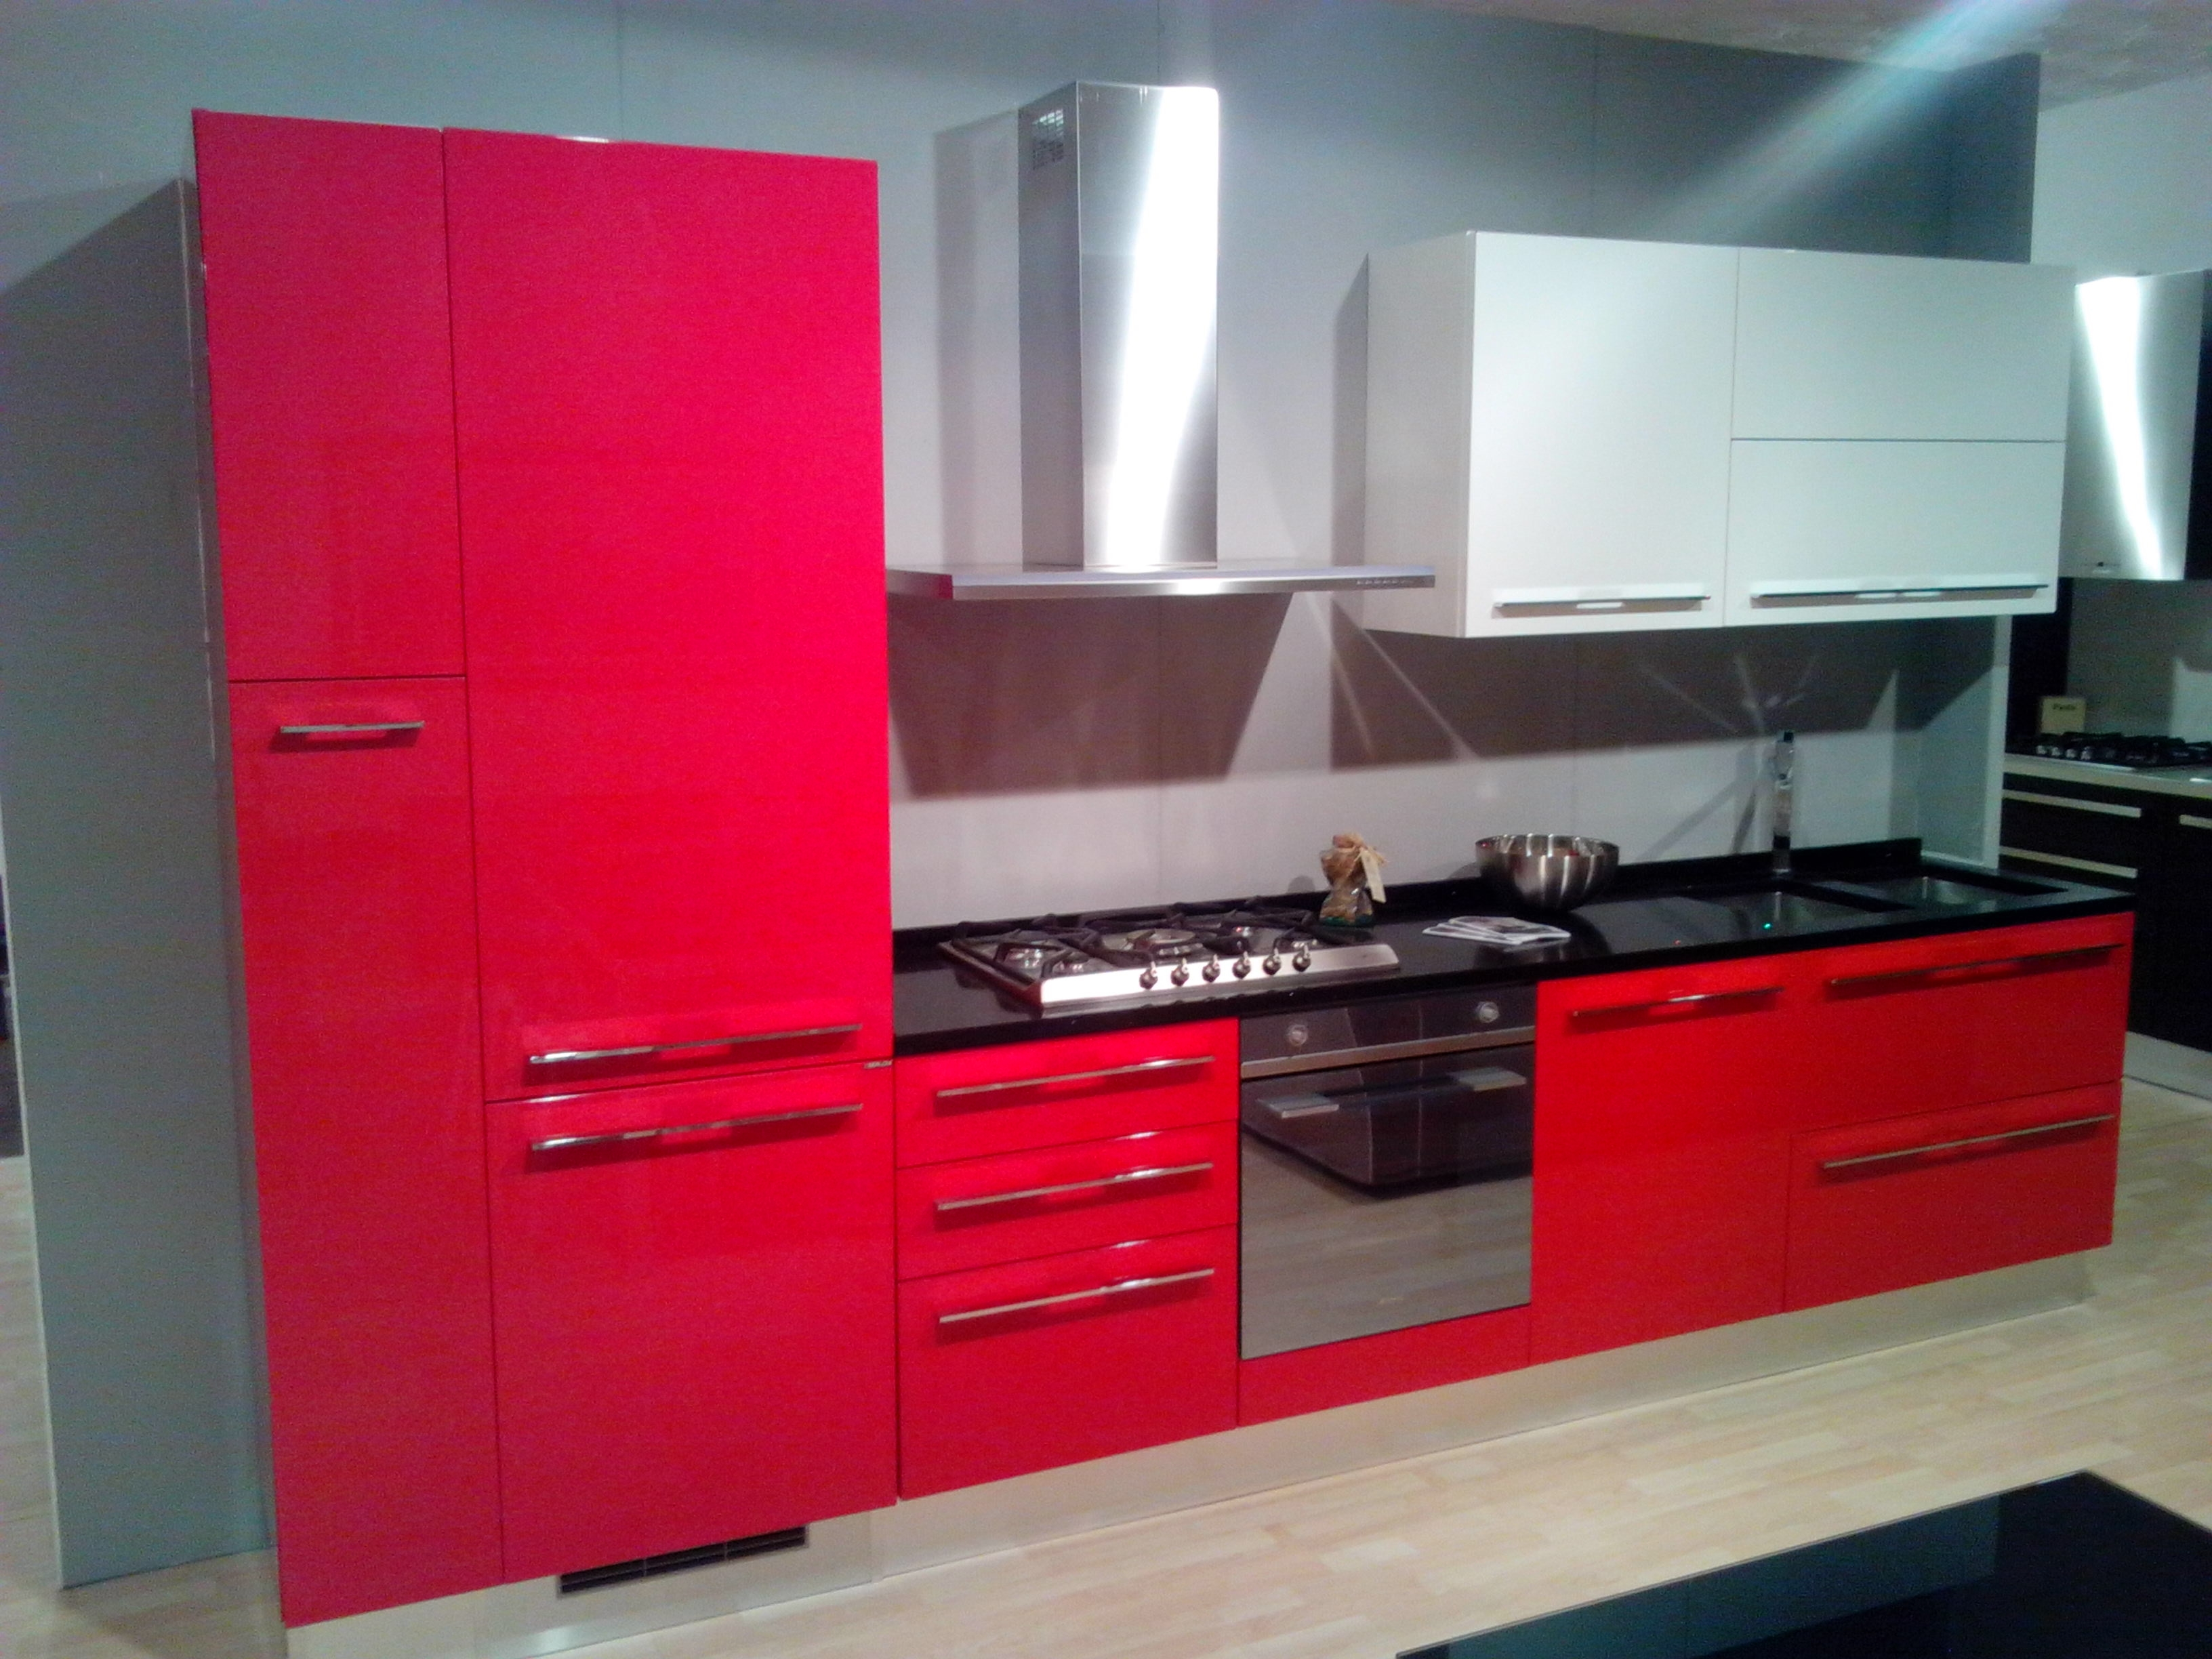 Isola cucina legno creativo - Prezzi cucine berloni ...